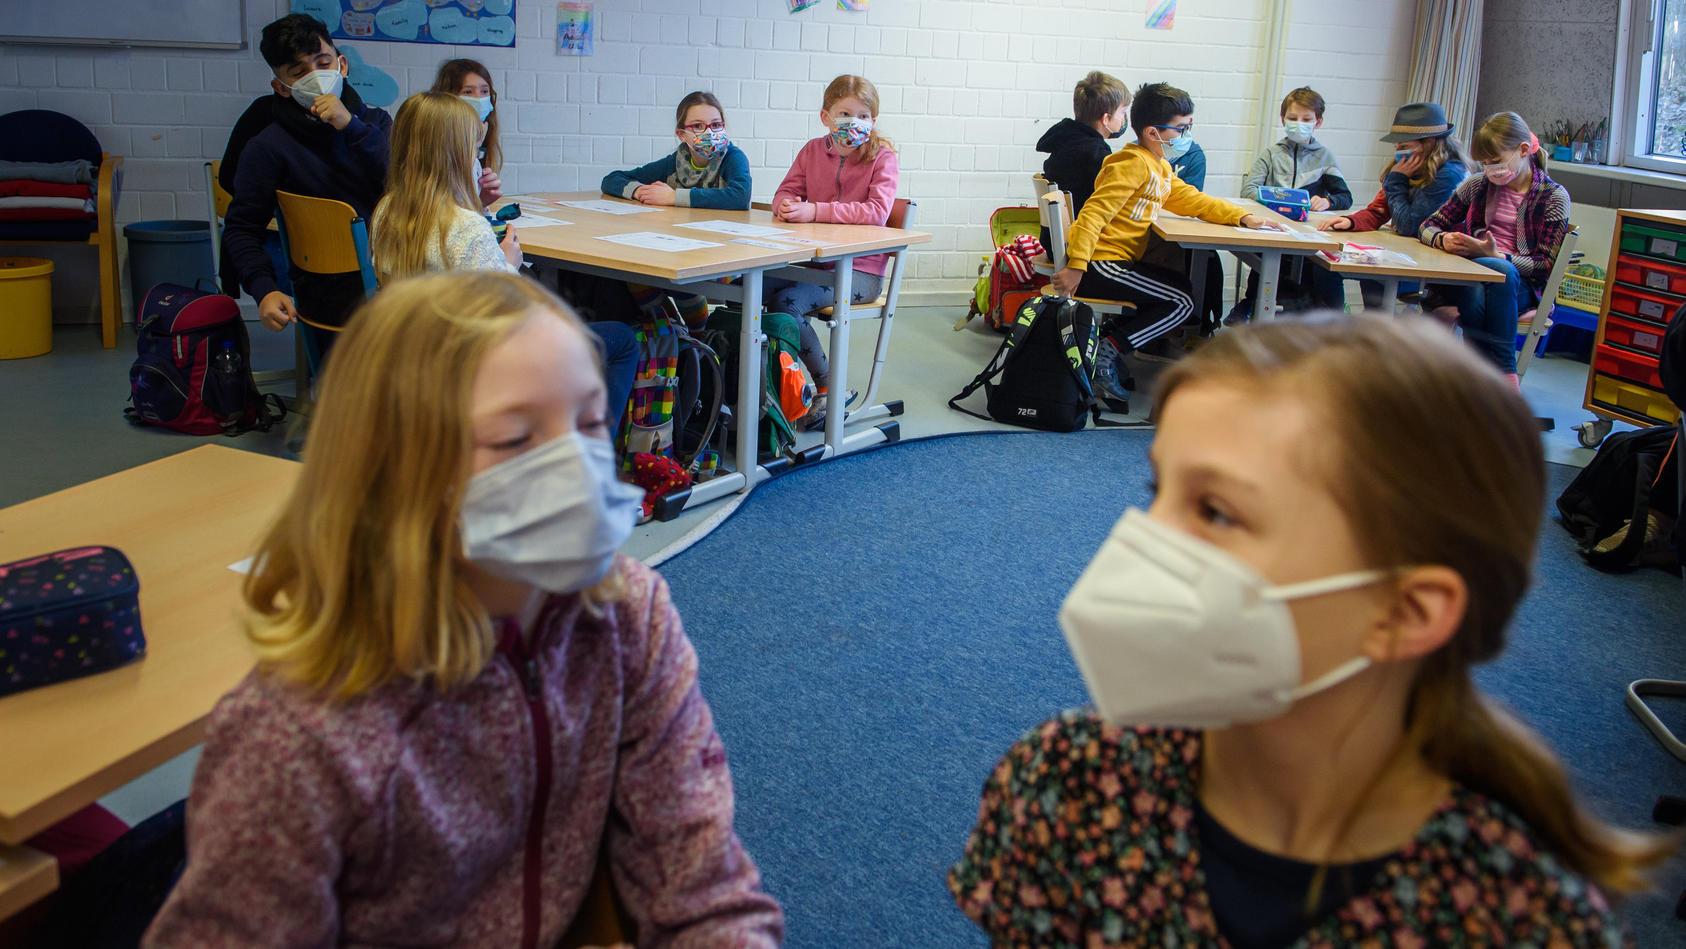 """Schule als Infektionsherd? RKI sieht Schüler """"eher nicht"""" als Pandemiemotor"""